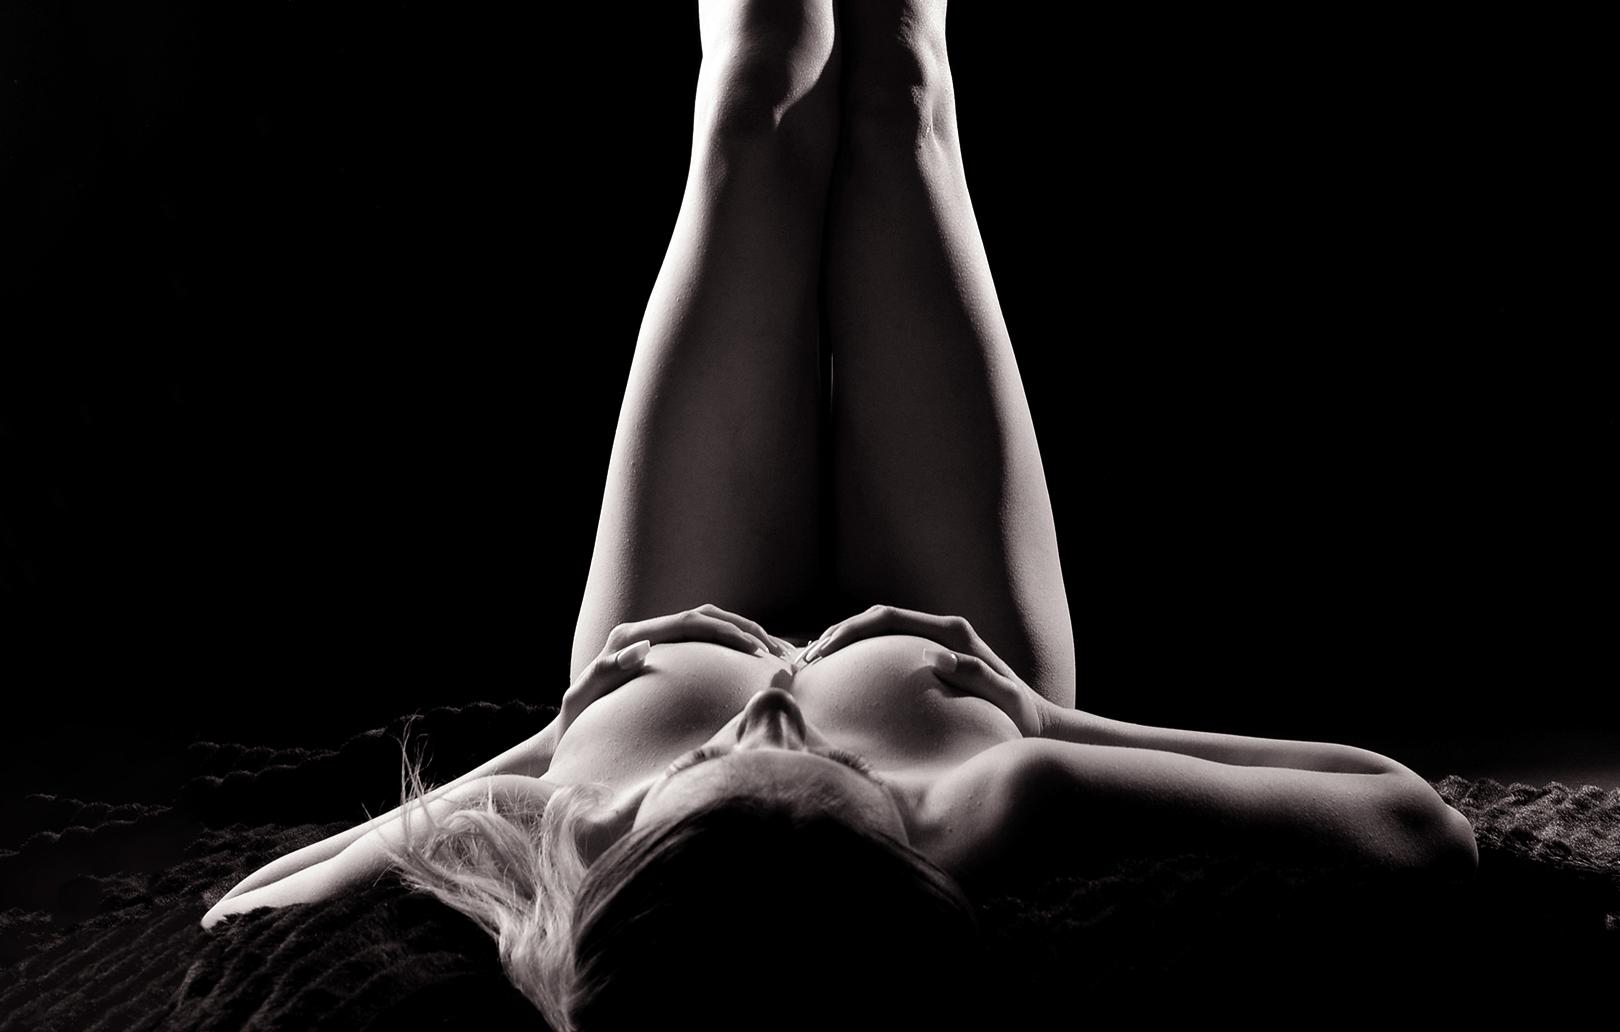 erotisches-fotoshooting-siegen-bg31610466319